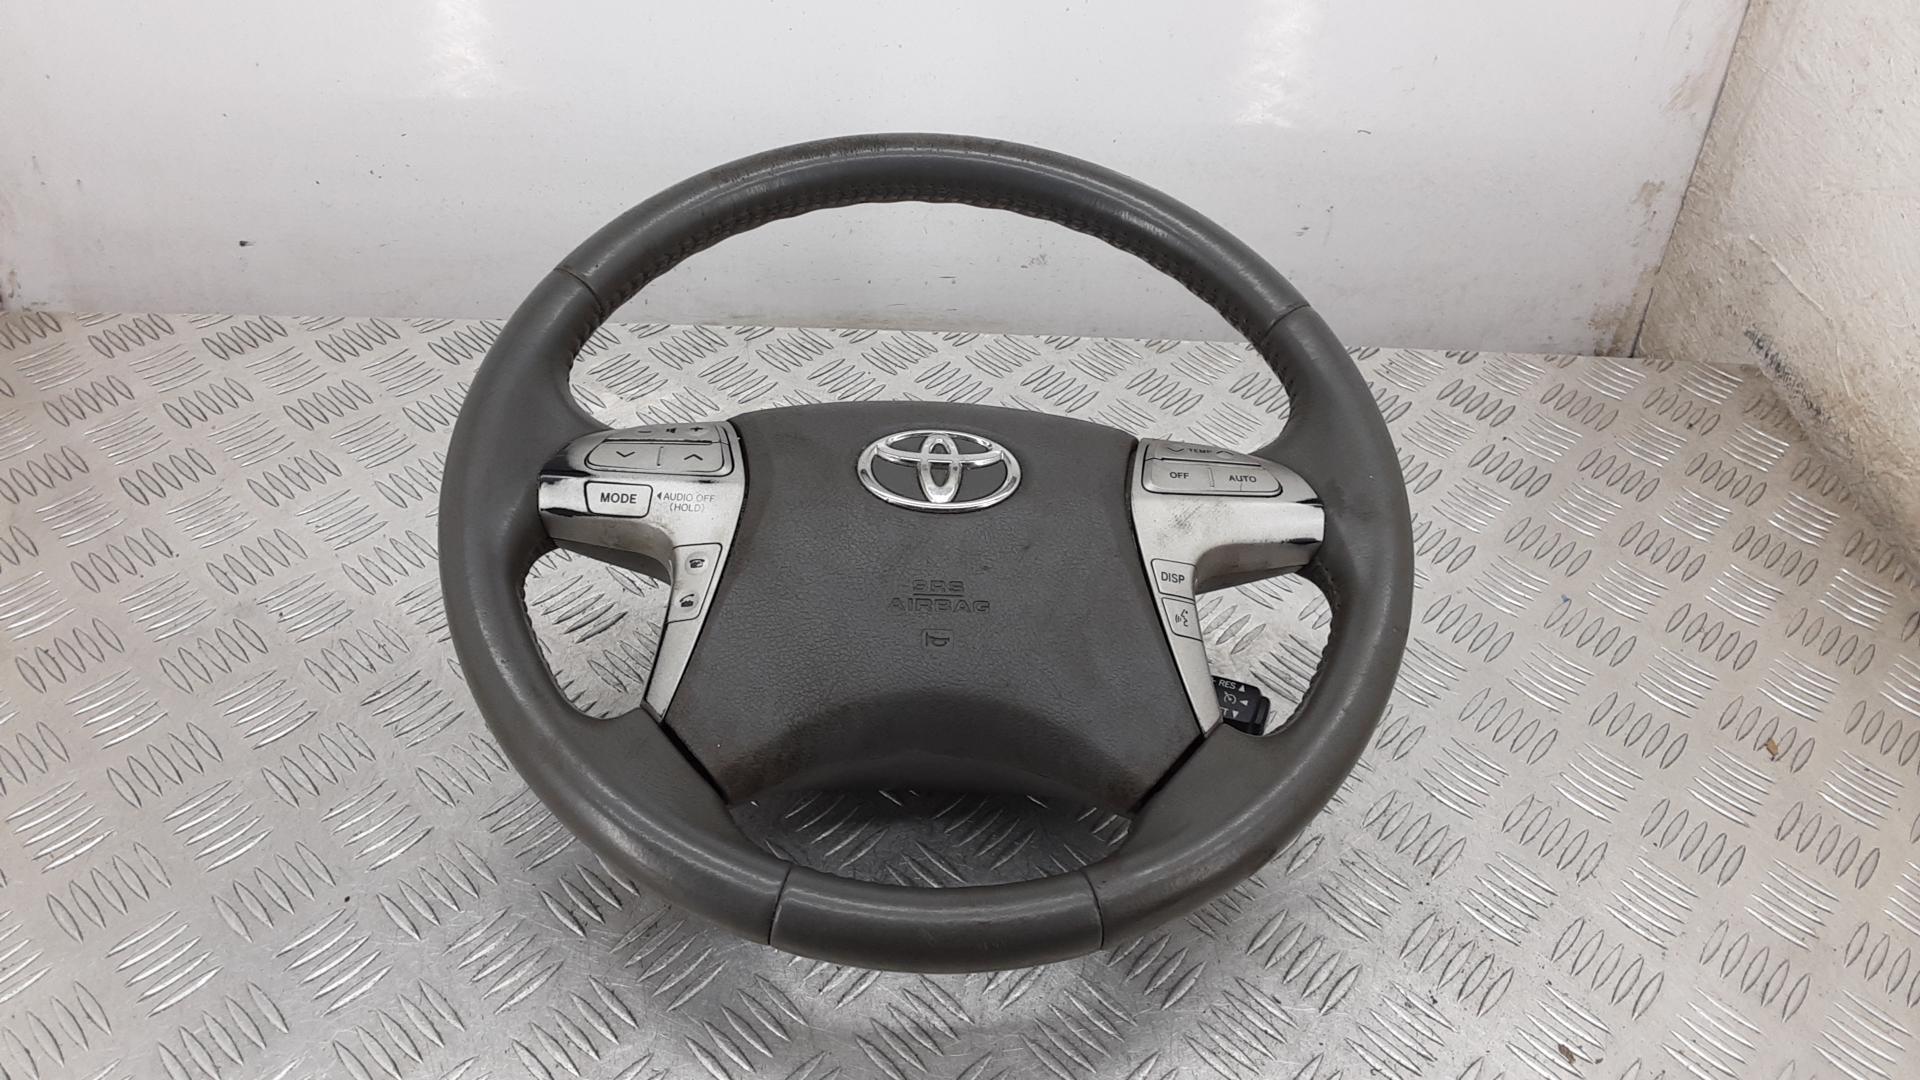 Рулевое колесо, TOYOTA, CAMRY V4, 2009